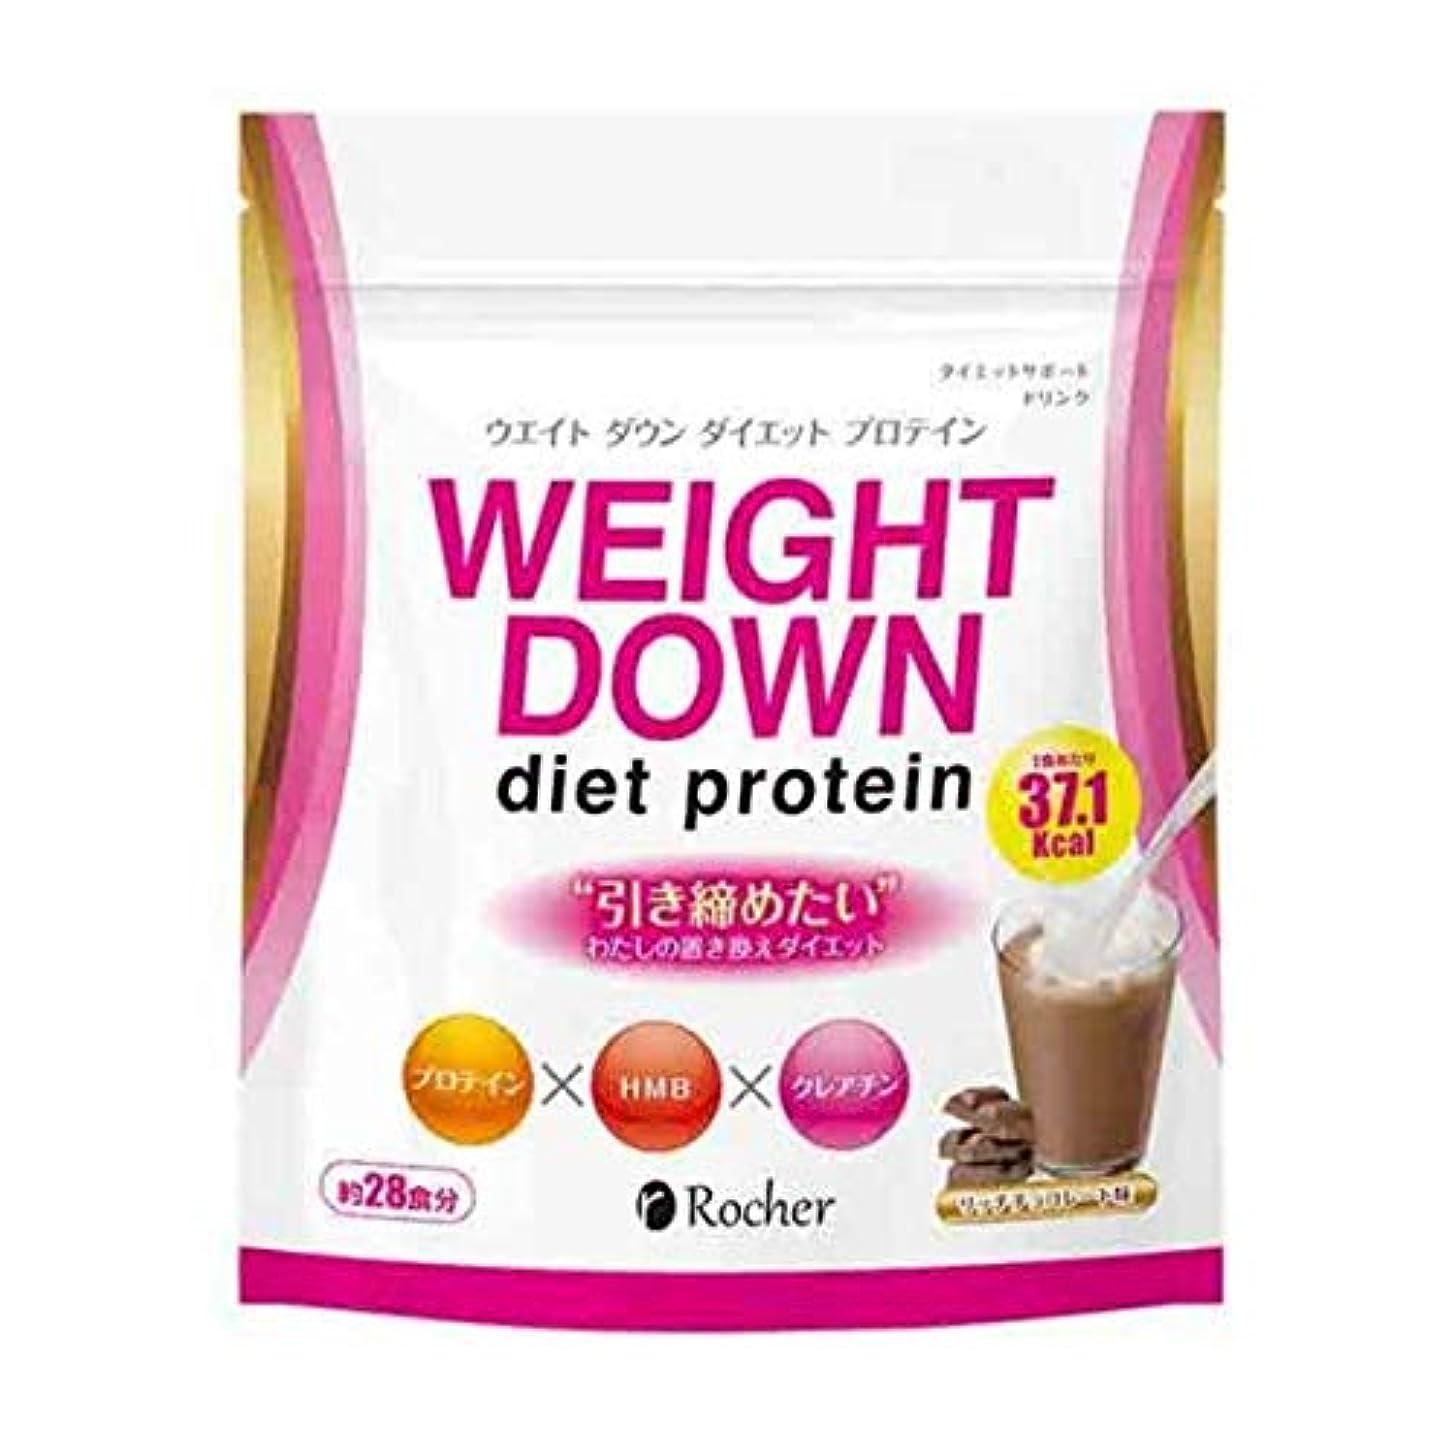 疑い者農夫講義ウェイトダウン ダイエットプロテイン 置き換えダイエット!栄養バランを考えて作られたダイエットプロテイン